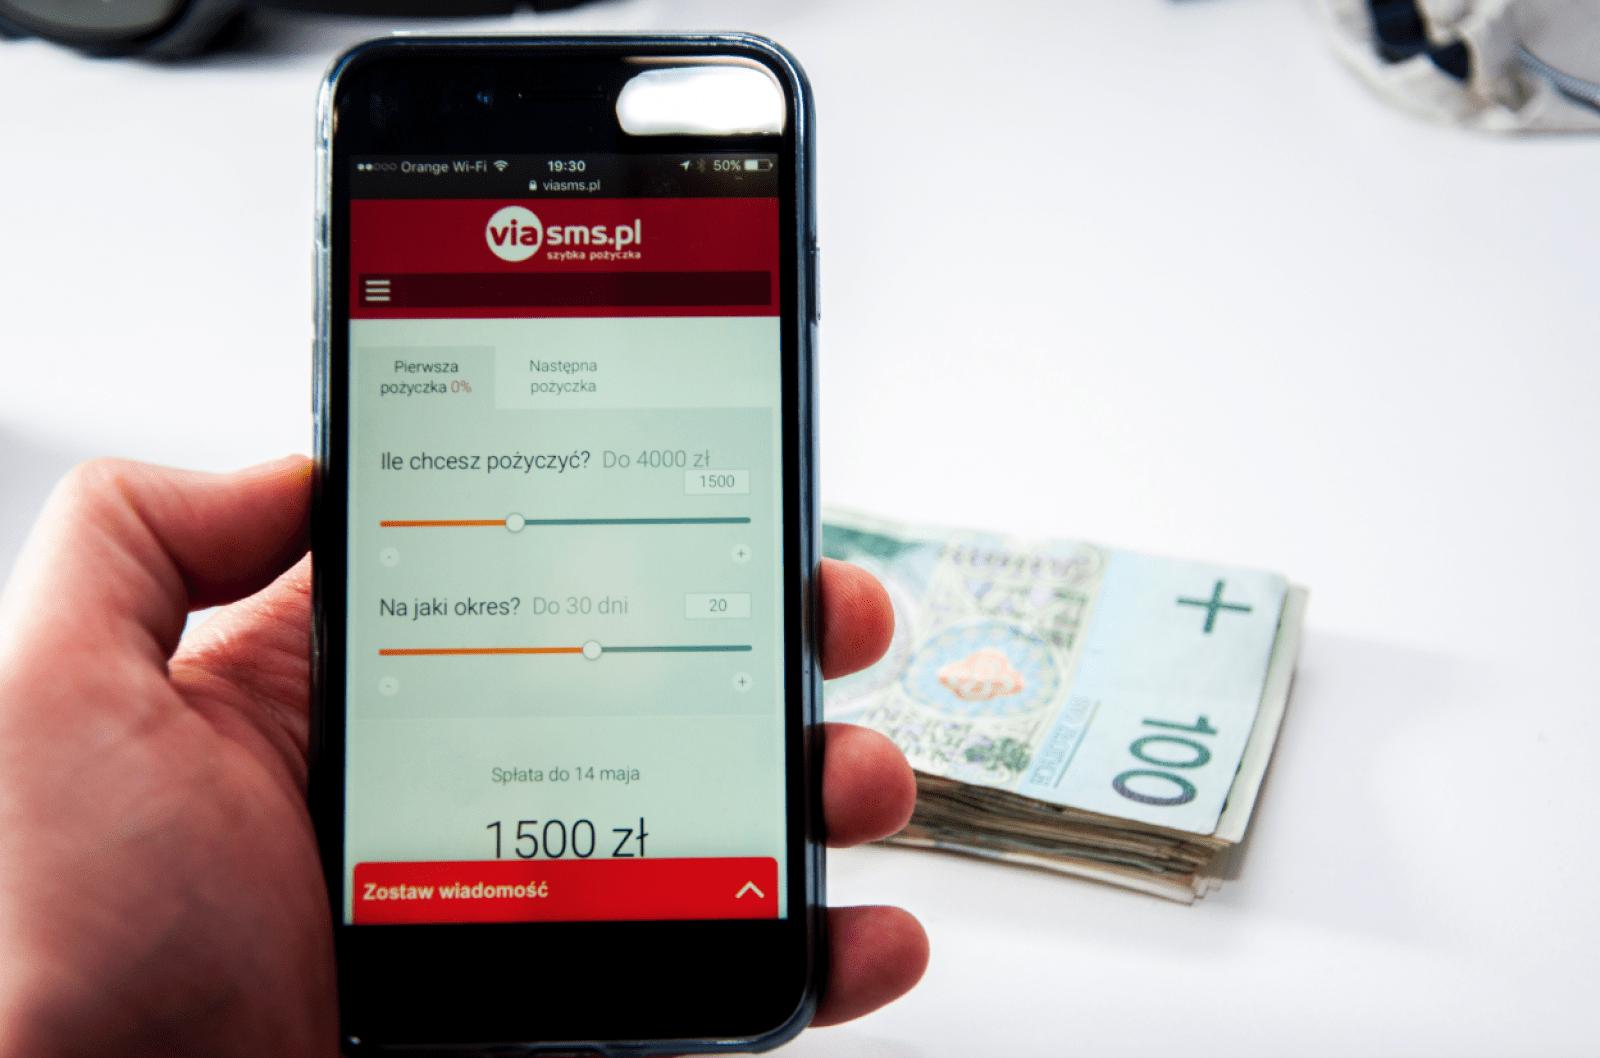 VIASMS.PL pozwala pożyczyć pieniądze przez telefon